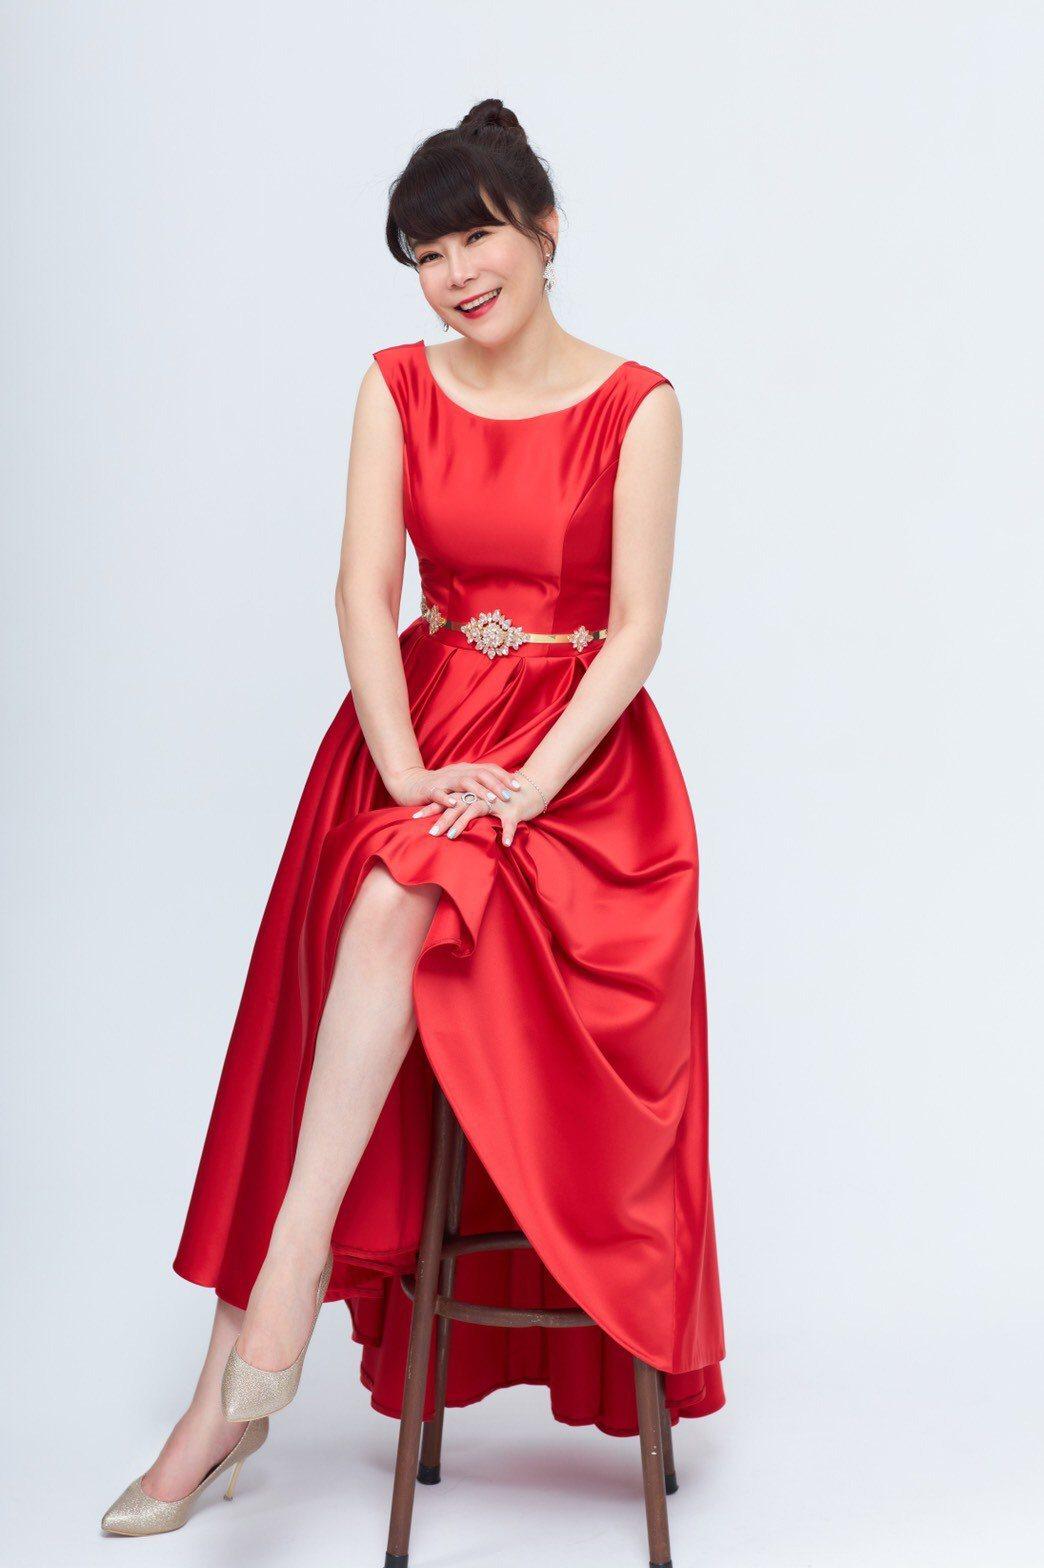 錢怡君是這次「全球華文永續報導獎」的主持人,平時樸素的她換上禮服,令人驚豔。圖/...